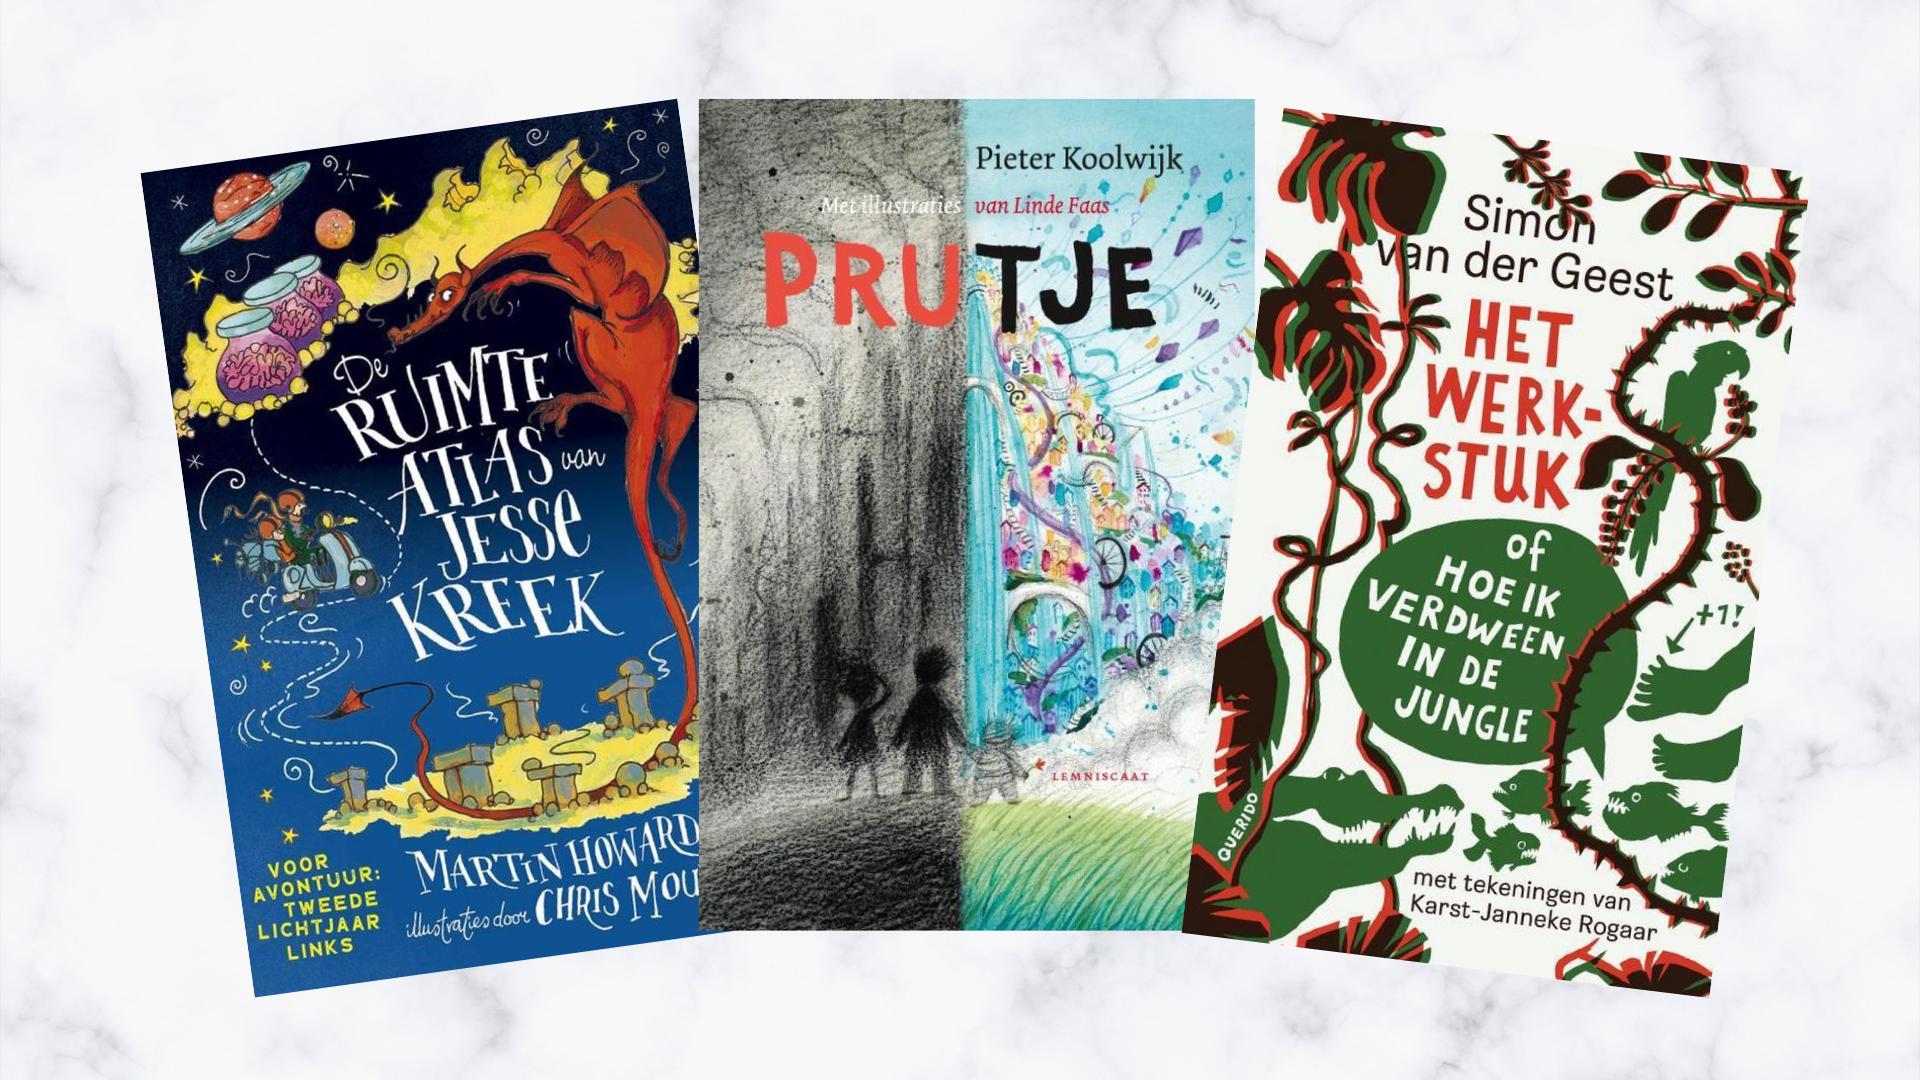 favoriete boeken van 2020 kinderboeken jeugd Pieter koolwijk